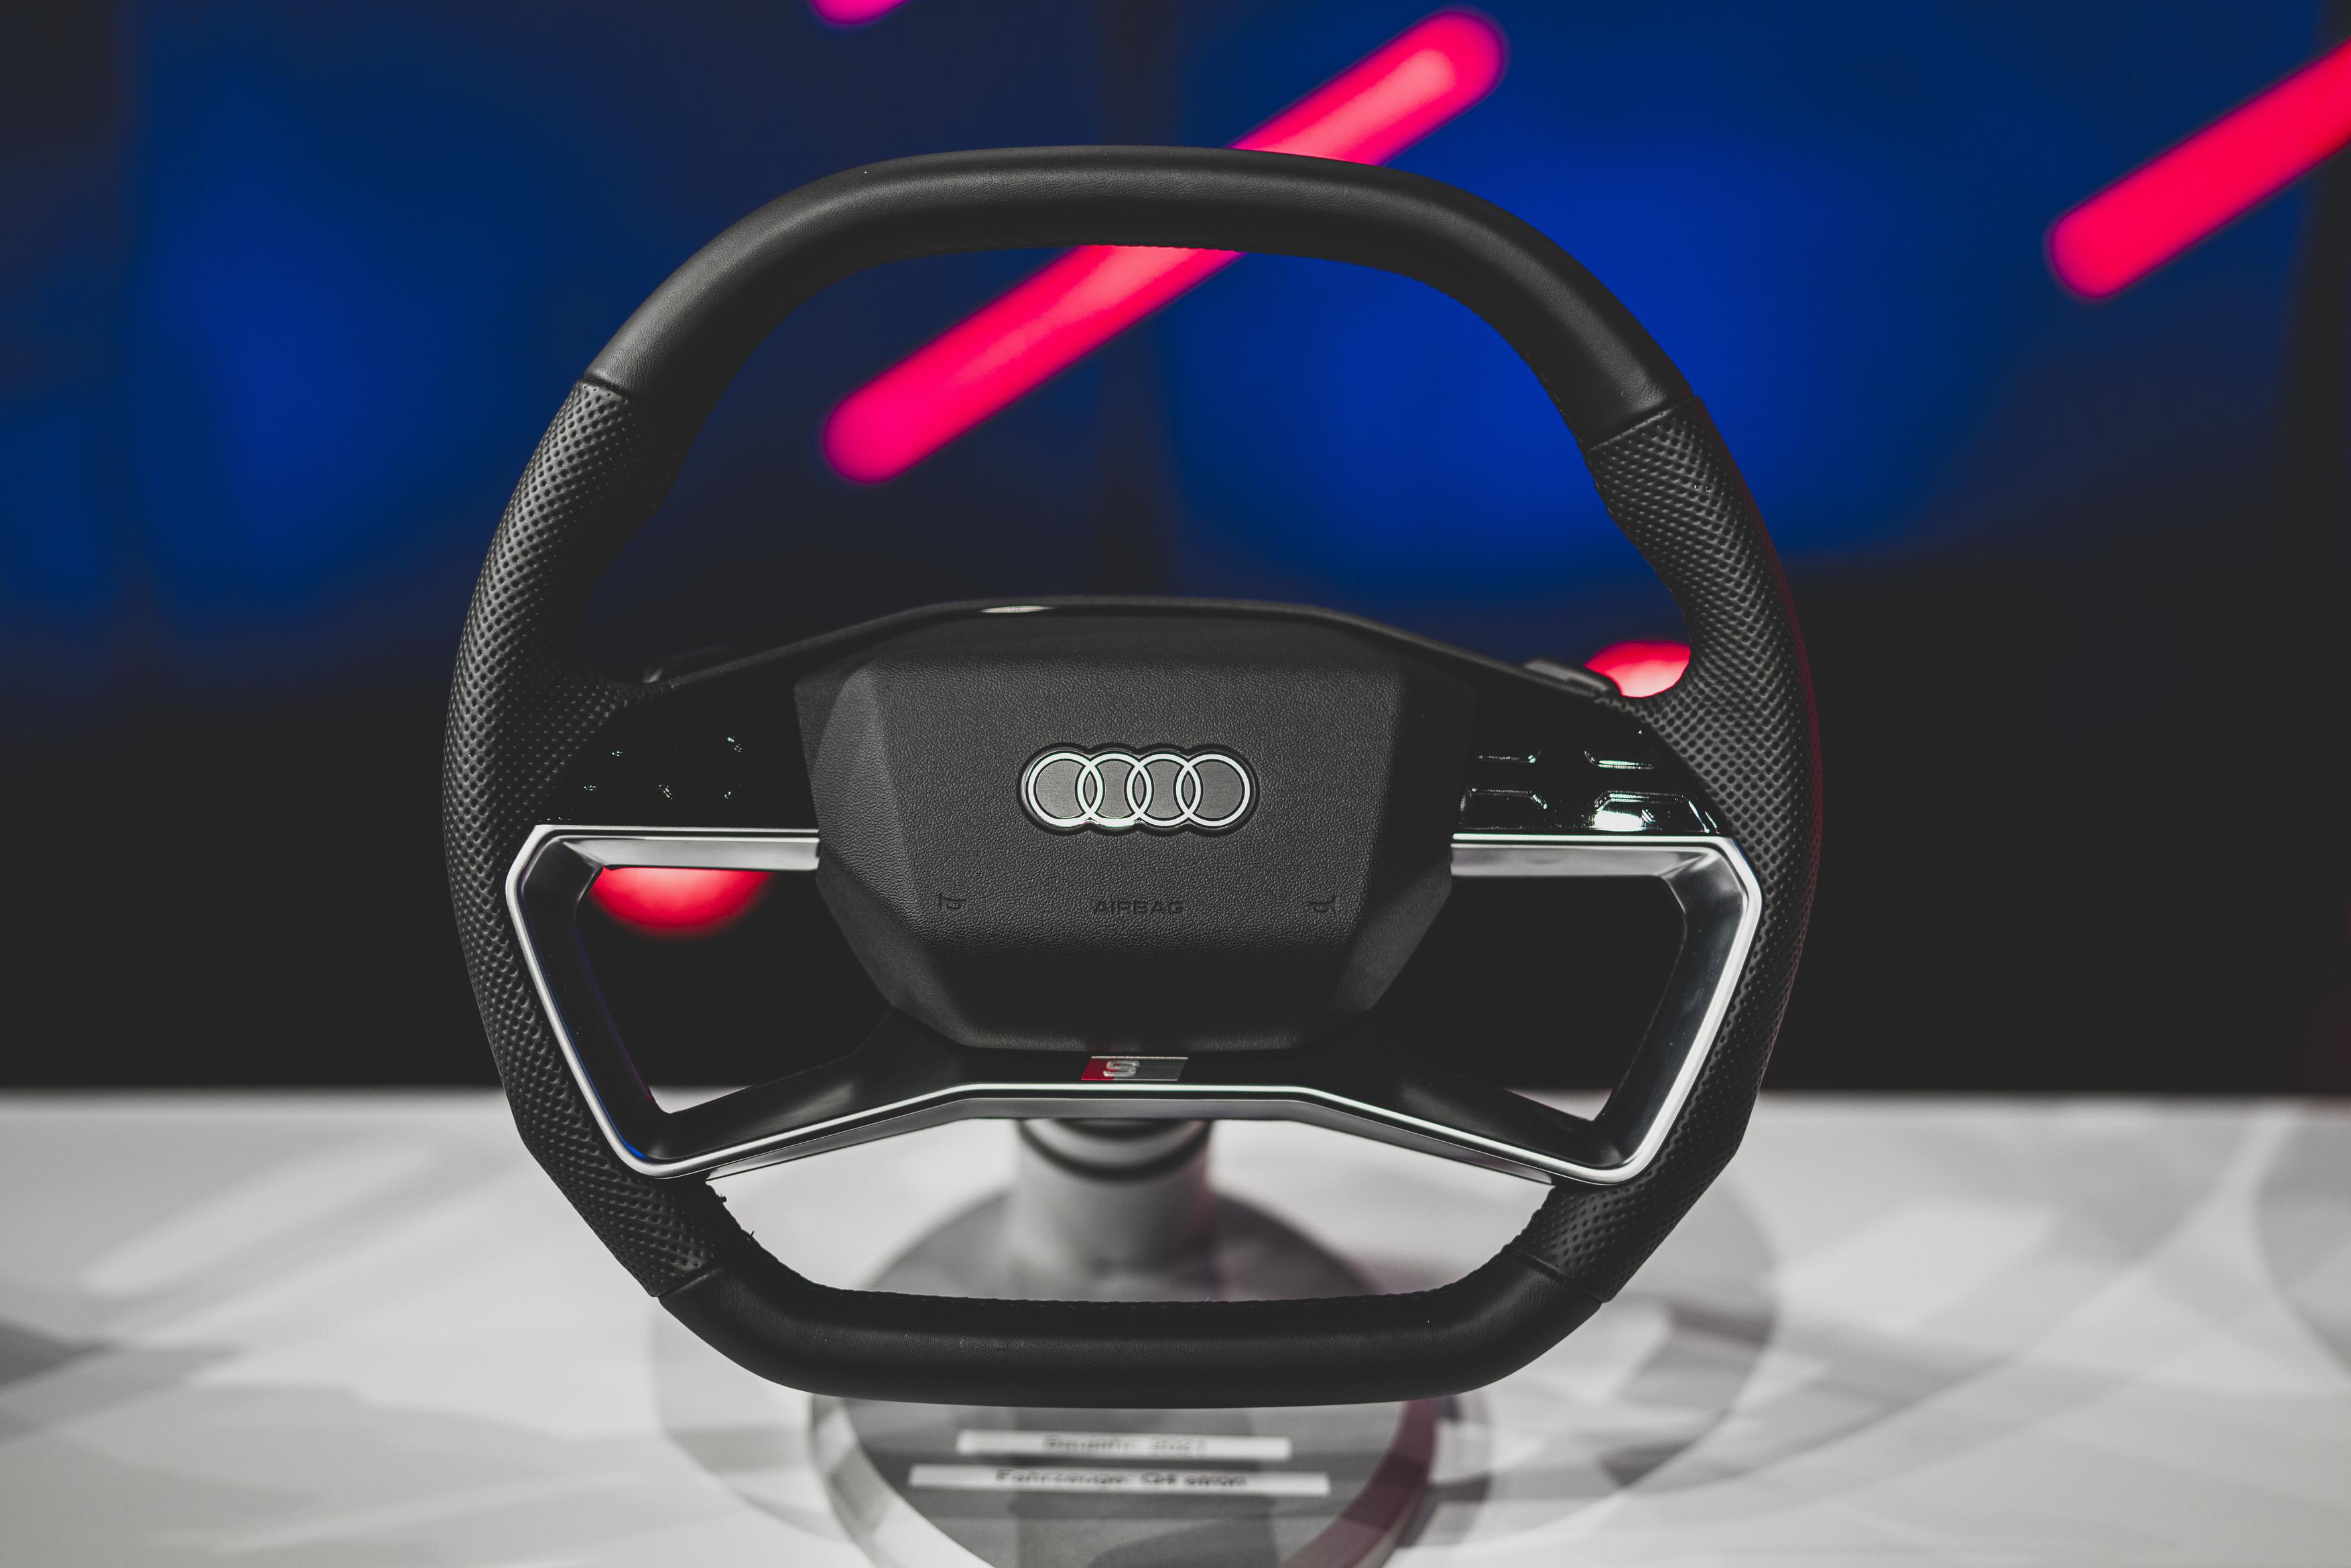 Volant Audi Q4 e-tron